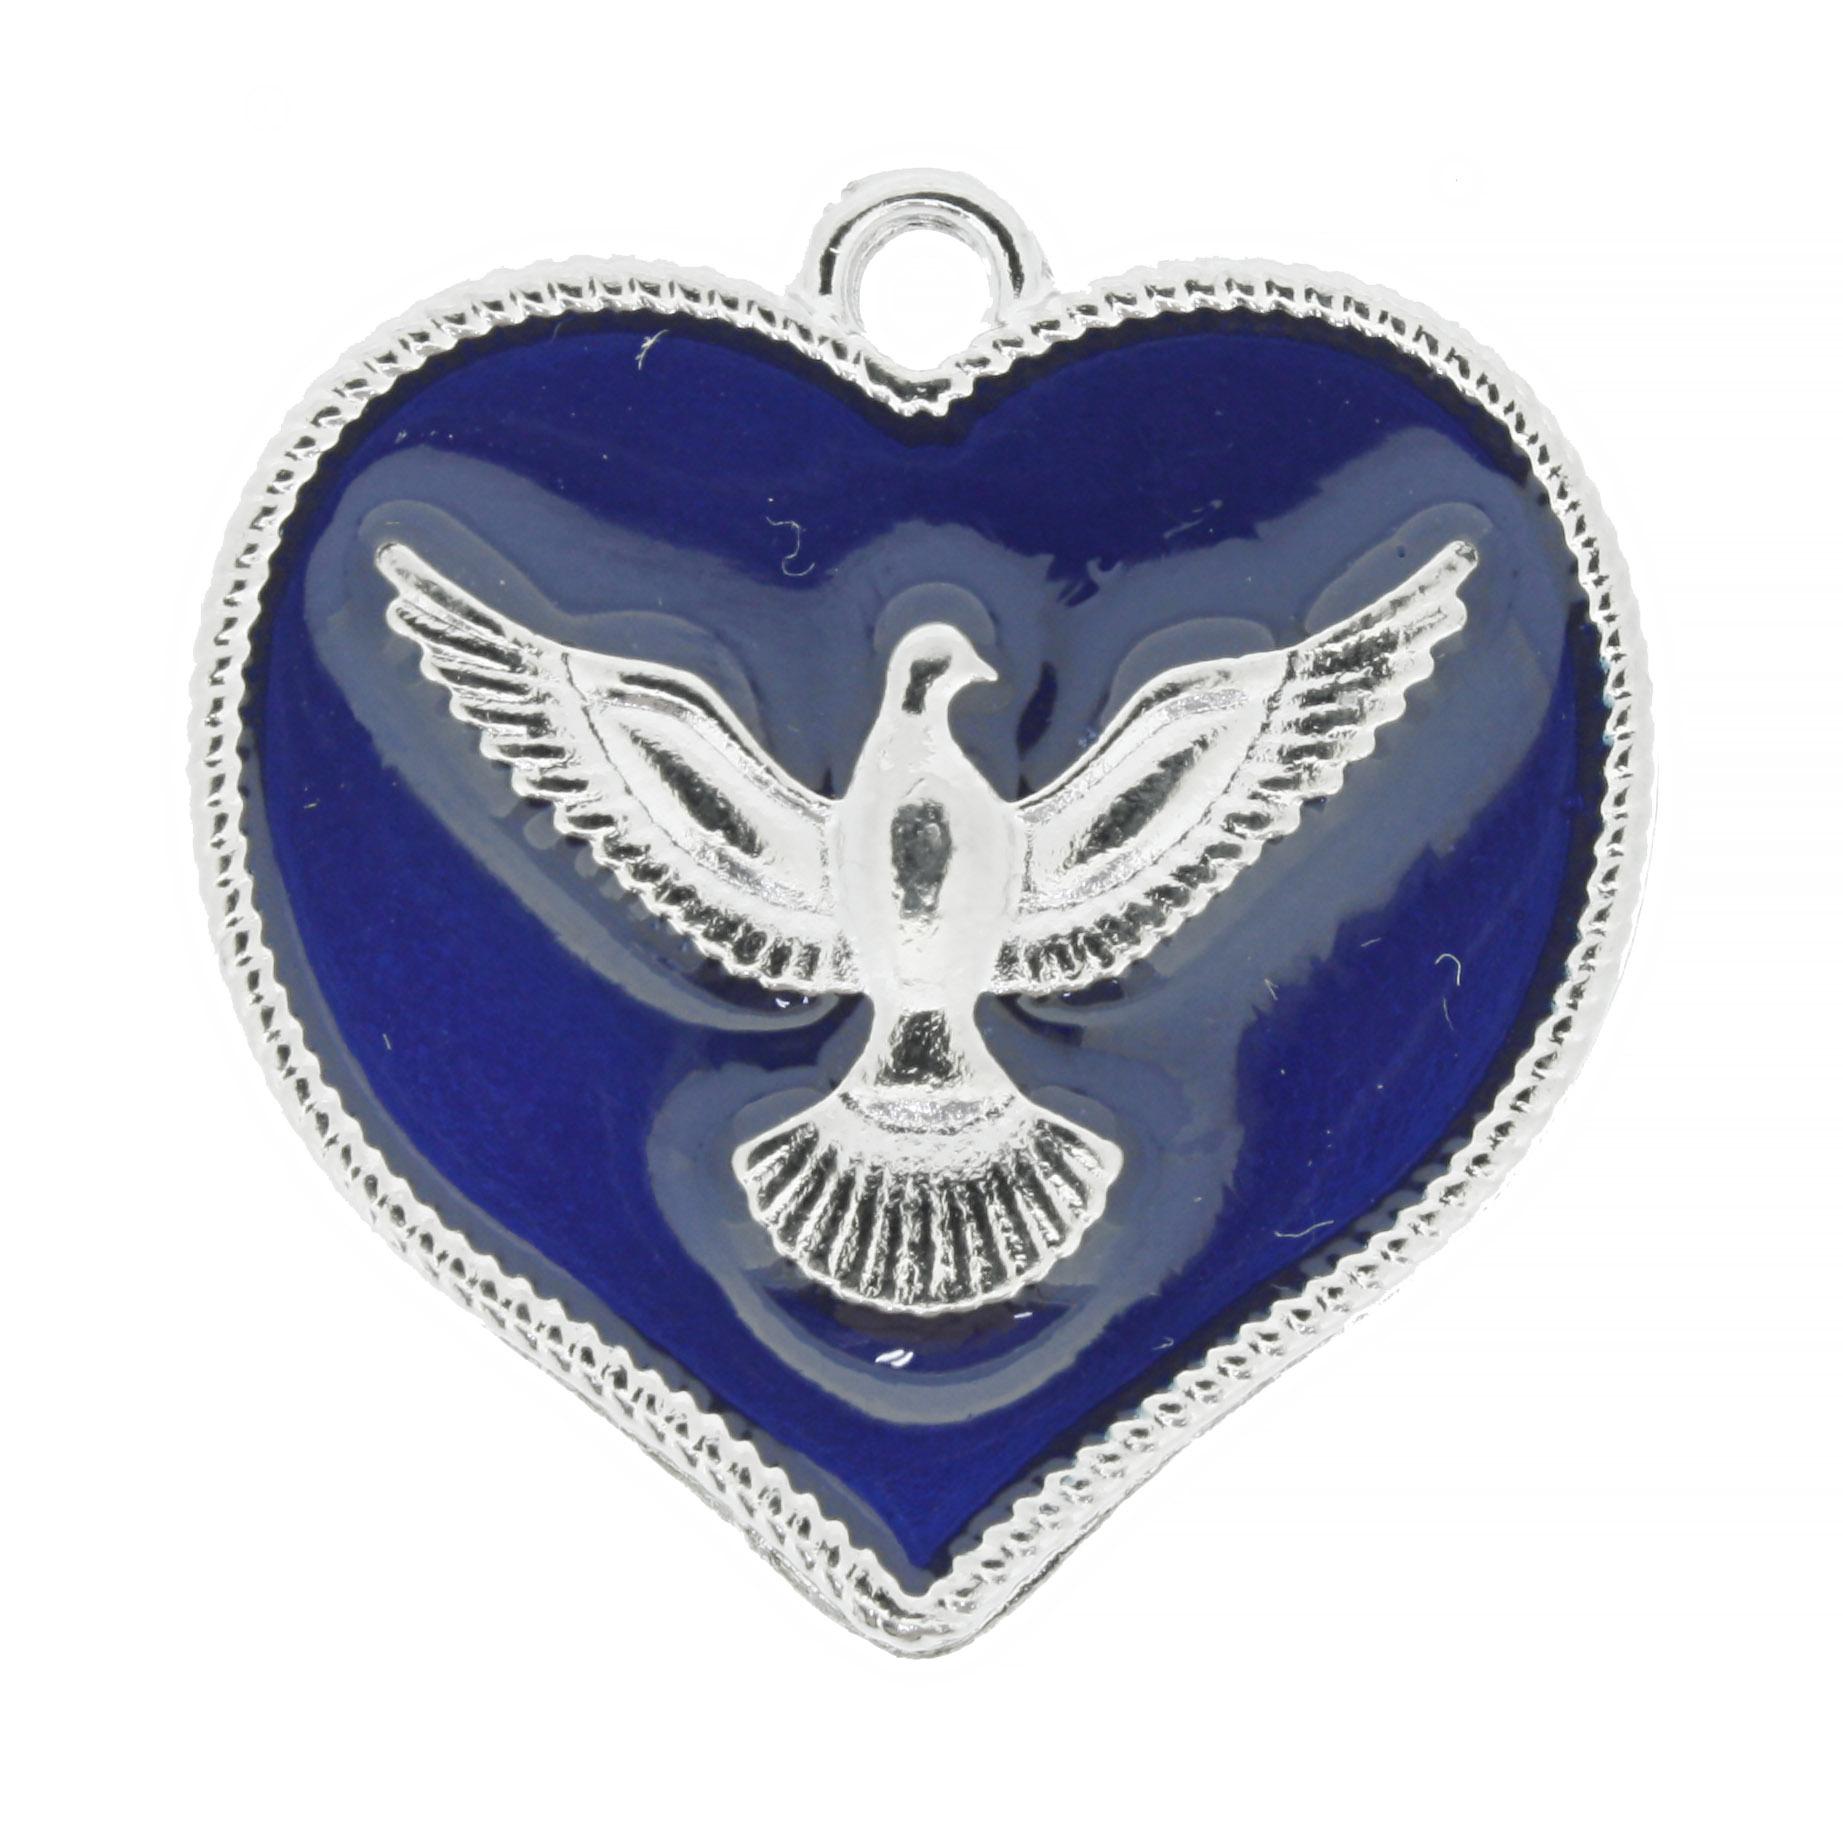 Medalha Coração Divino Espírito Santo - Níquel e Resina Azul Escuro - 30mm  - Universo Religioso® - Artigos de Umbanda e Candomblé